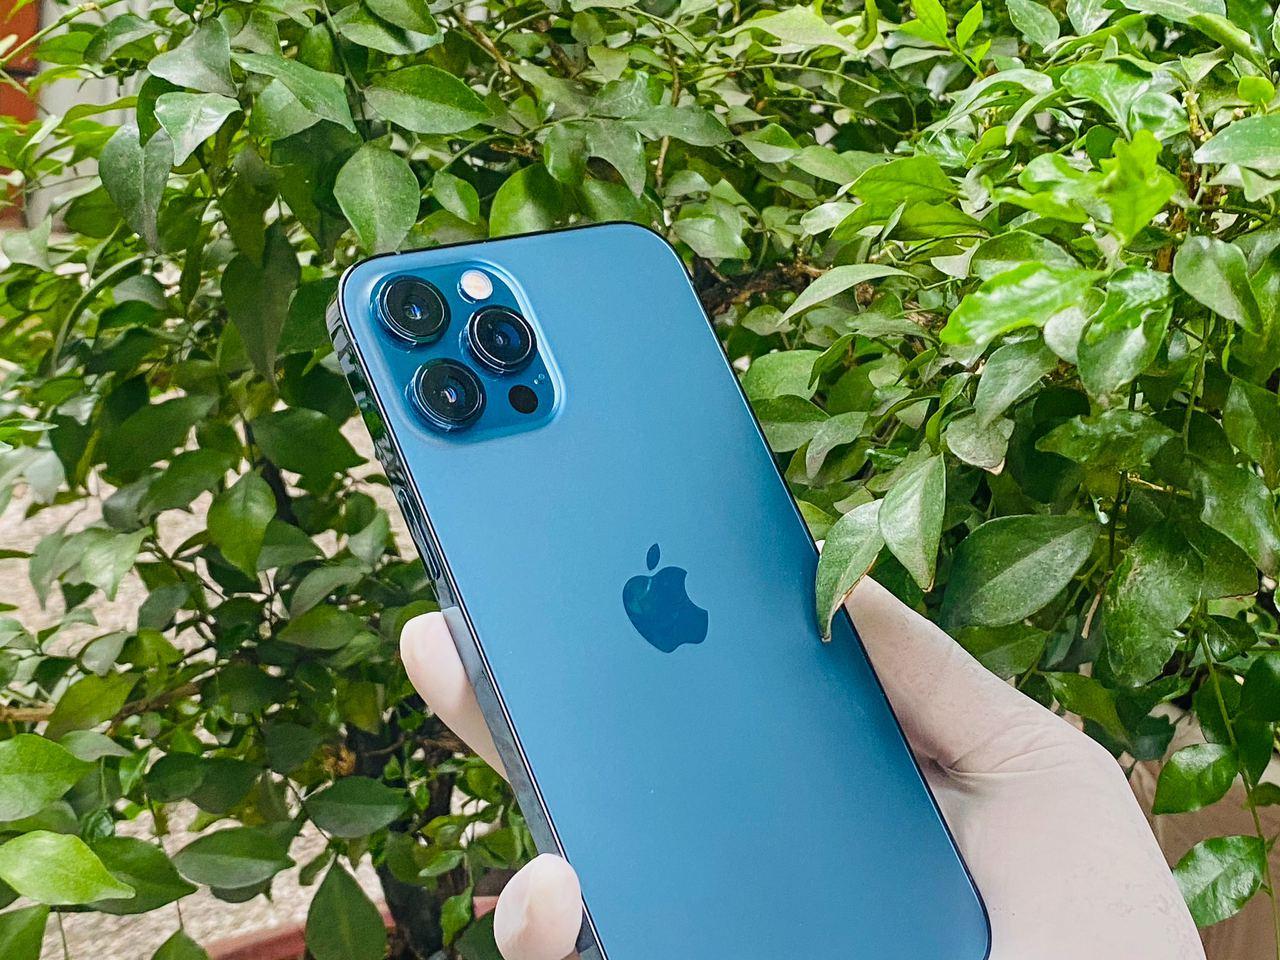 iphone 12 pro max sẽ có cấu hình mạnh, chạy ios 14